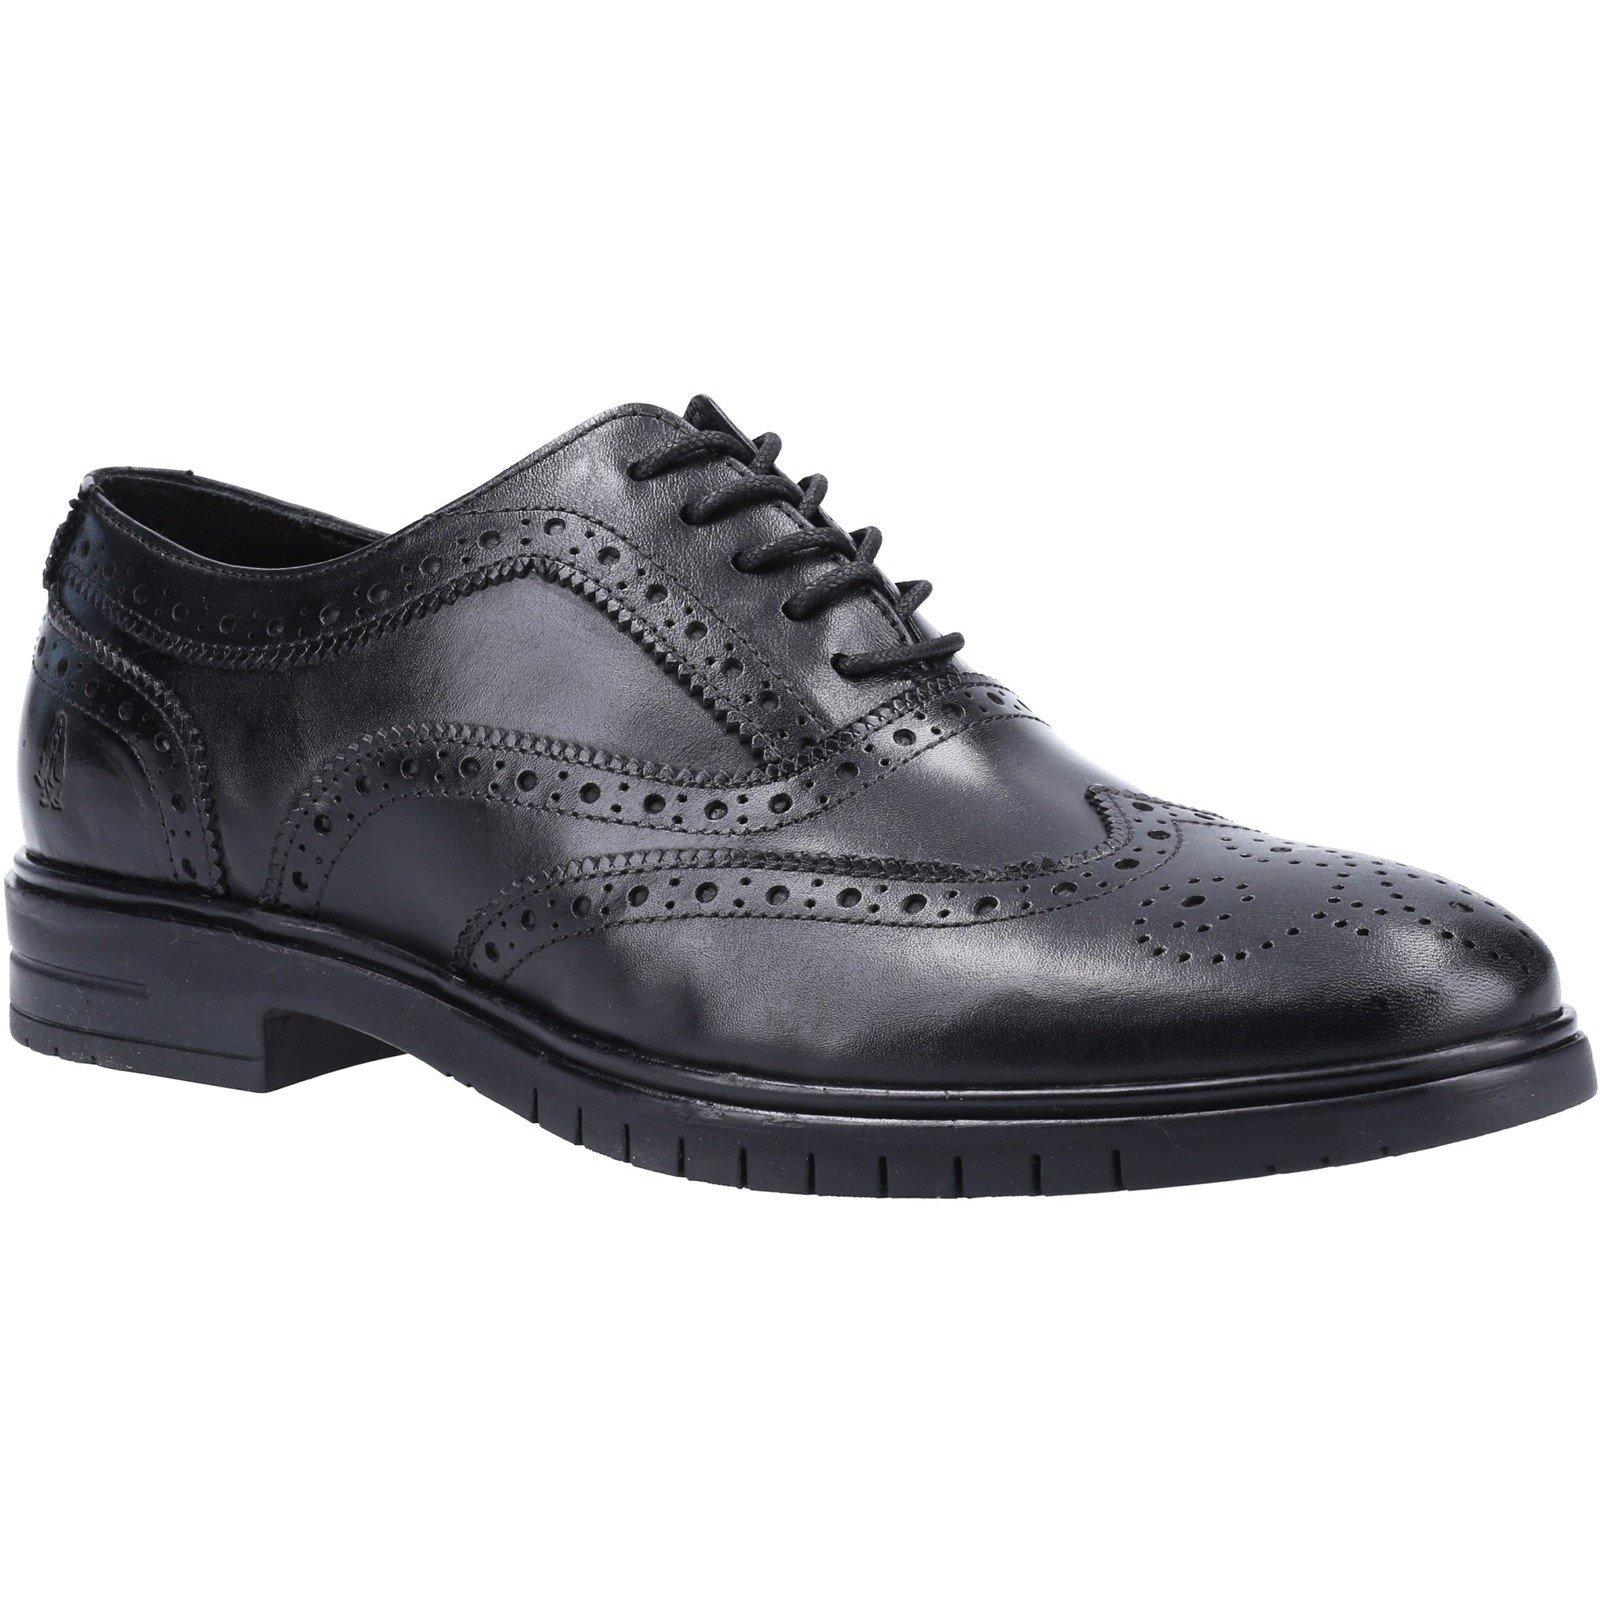 Hush Puppies Men's Santiago Lace Brogue Shoe Black 31989 - Black 9